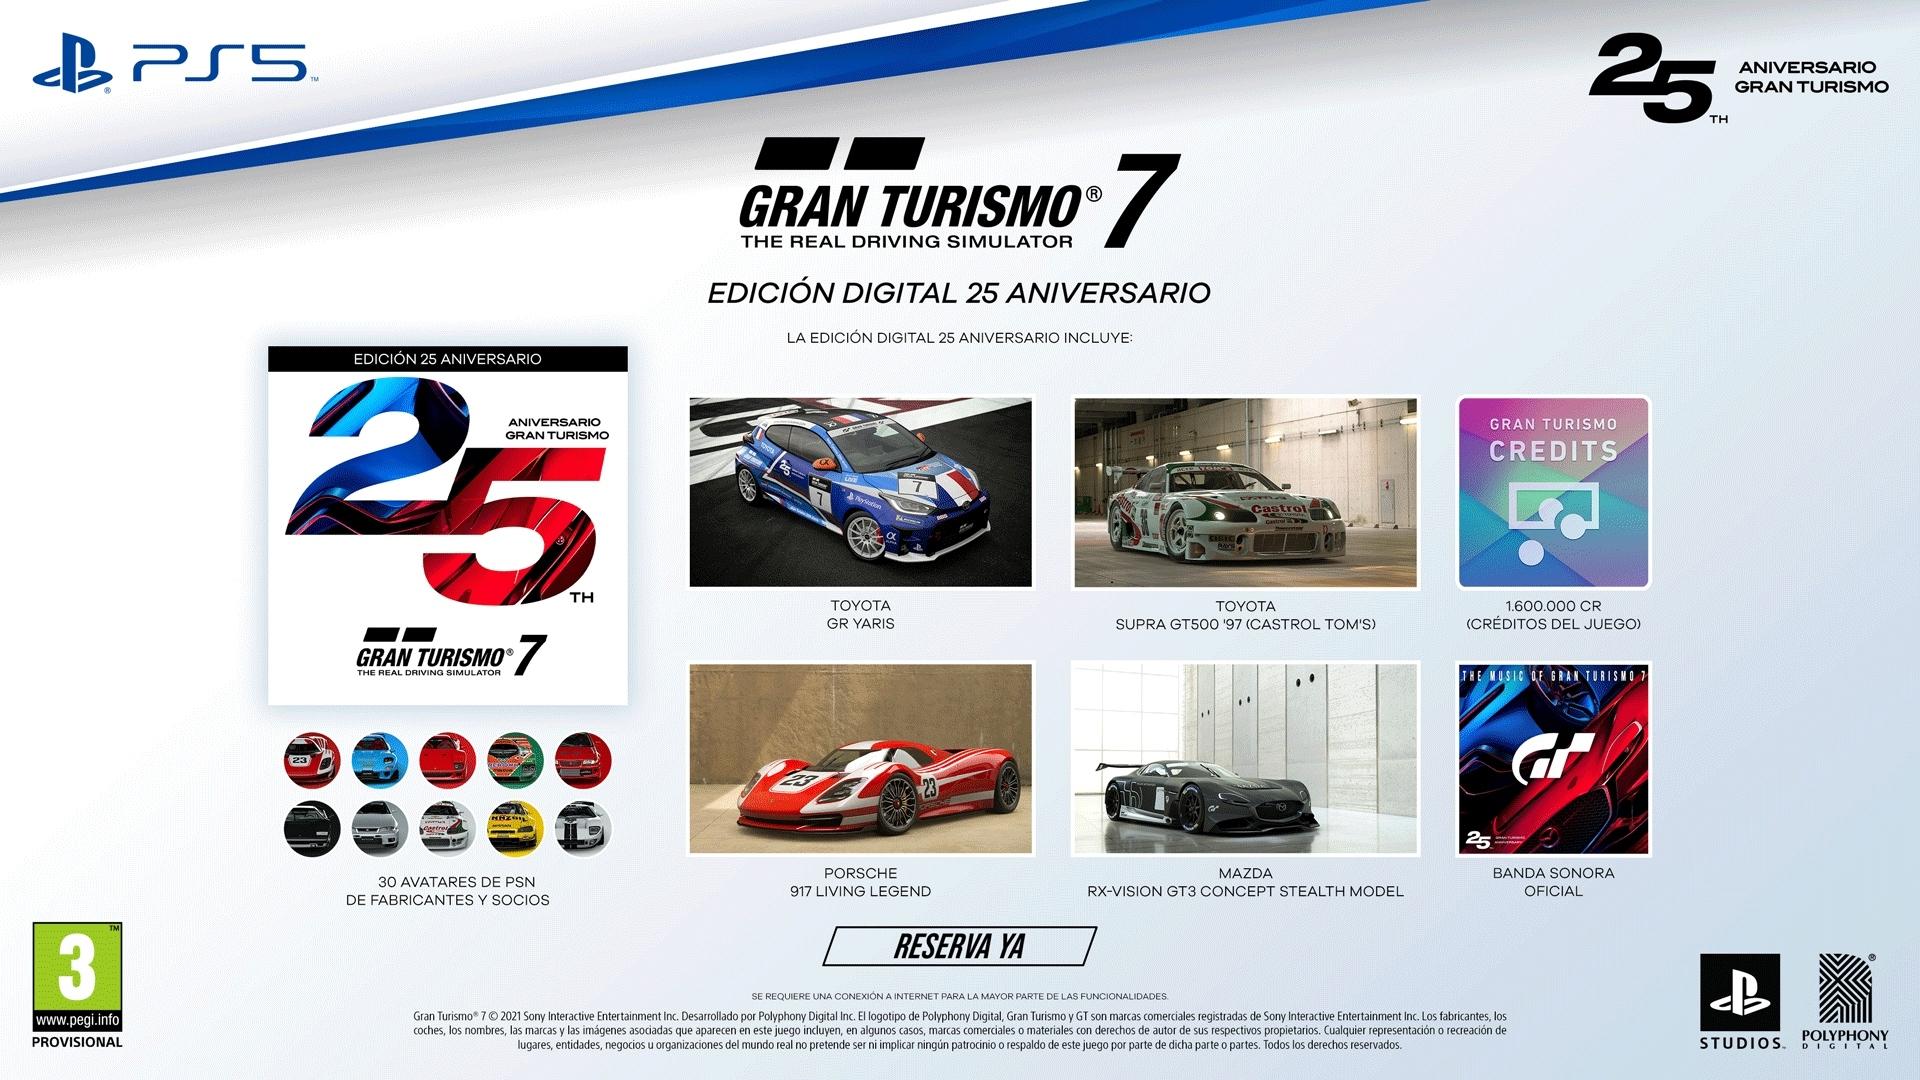 Gran Turismo 7 Edición Digital 25 aniversario